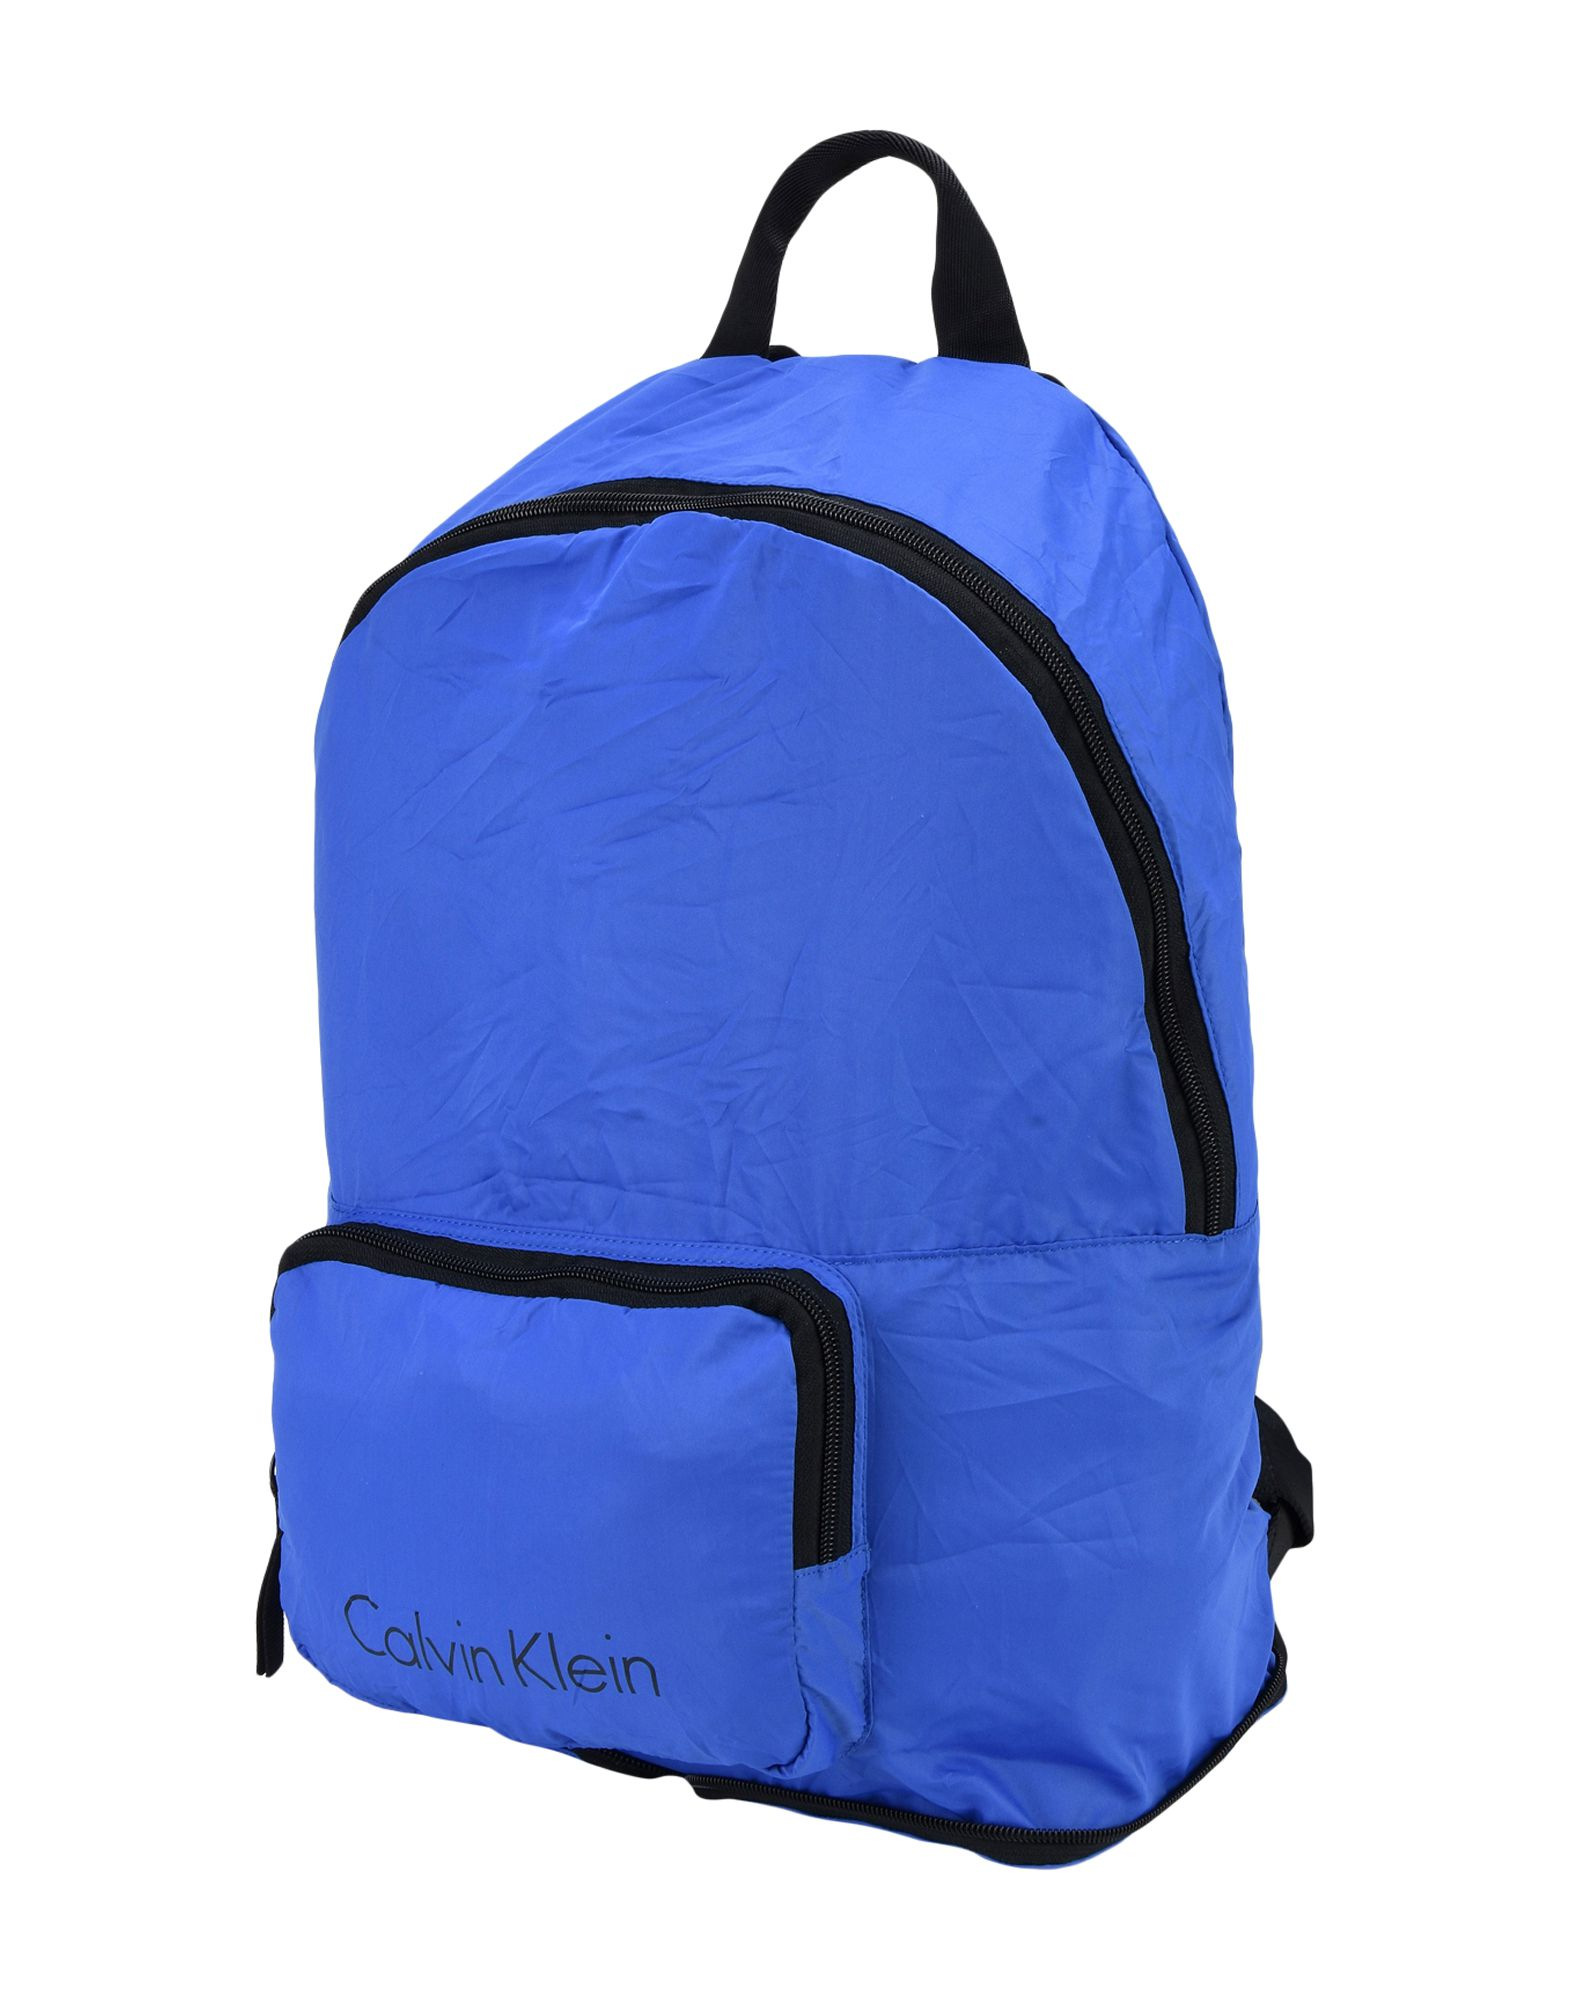 купить CALVIN KLEIN Рюкзаки и сумки на пояс по цене 3950 рублей